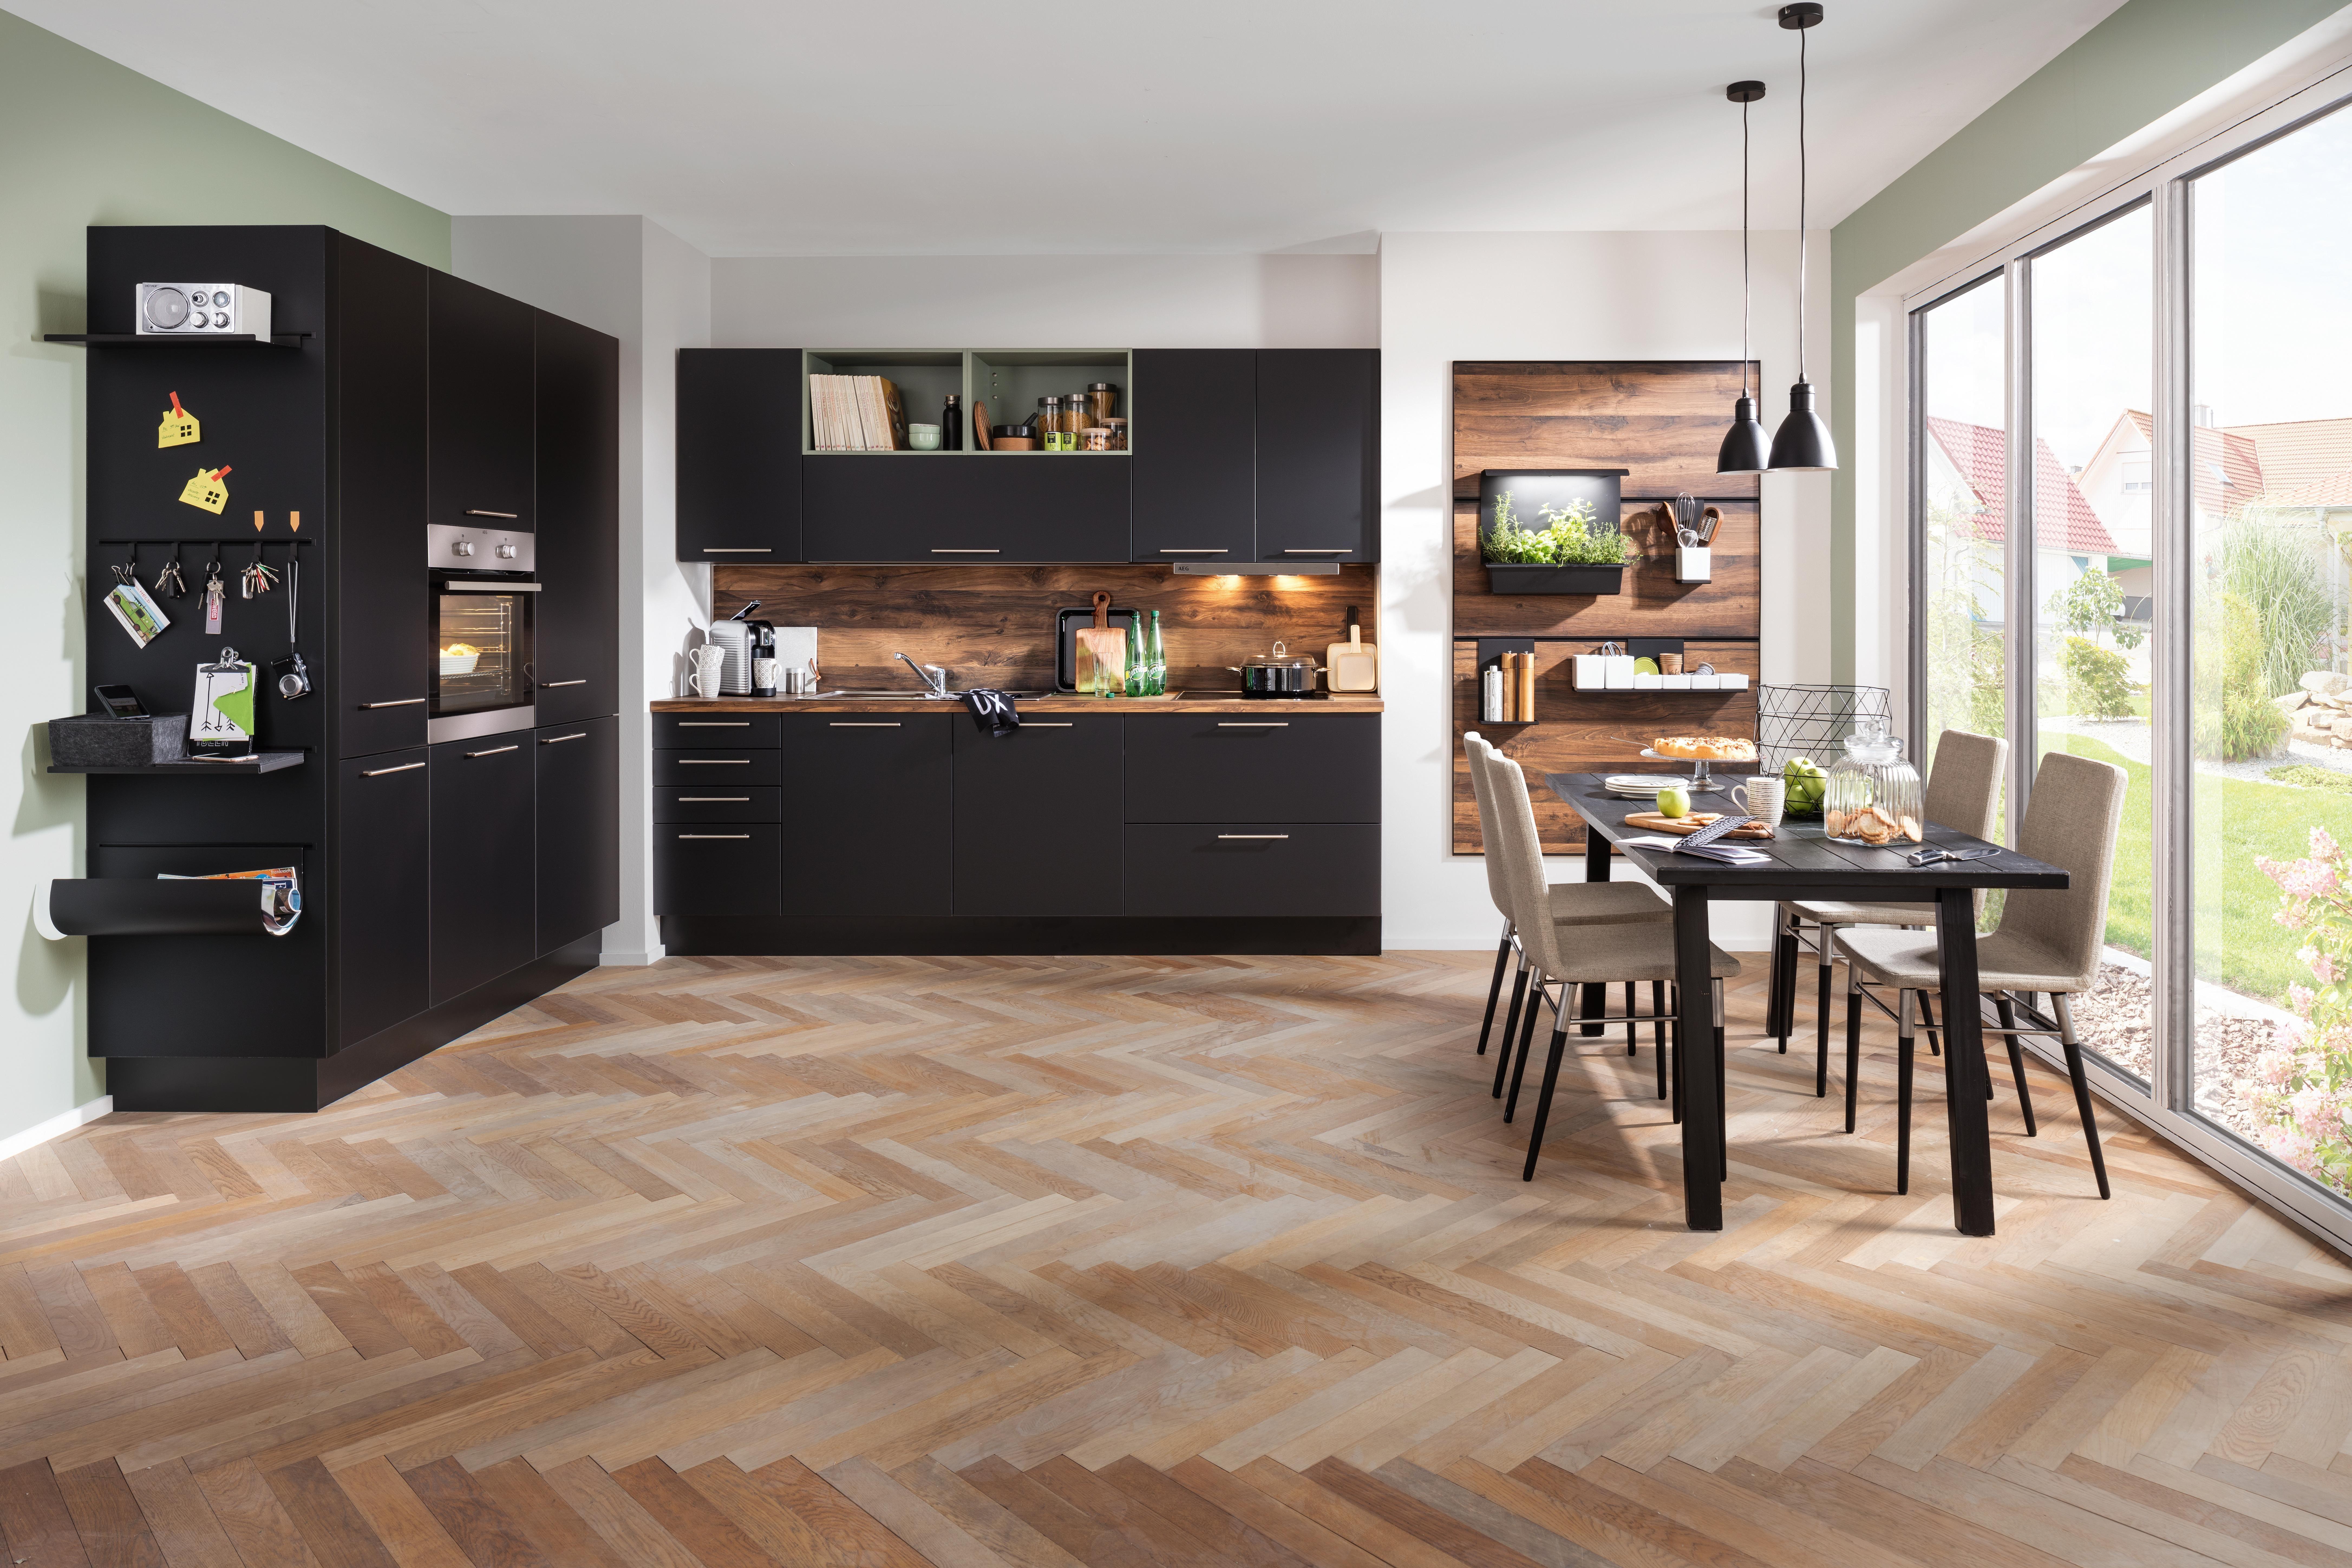 Pin Von Christine Mayr Auf Flat In 2020 Kuche Schwarz Kuche Holz Arbeitsplatte